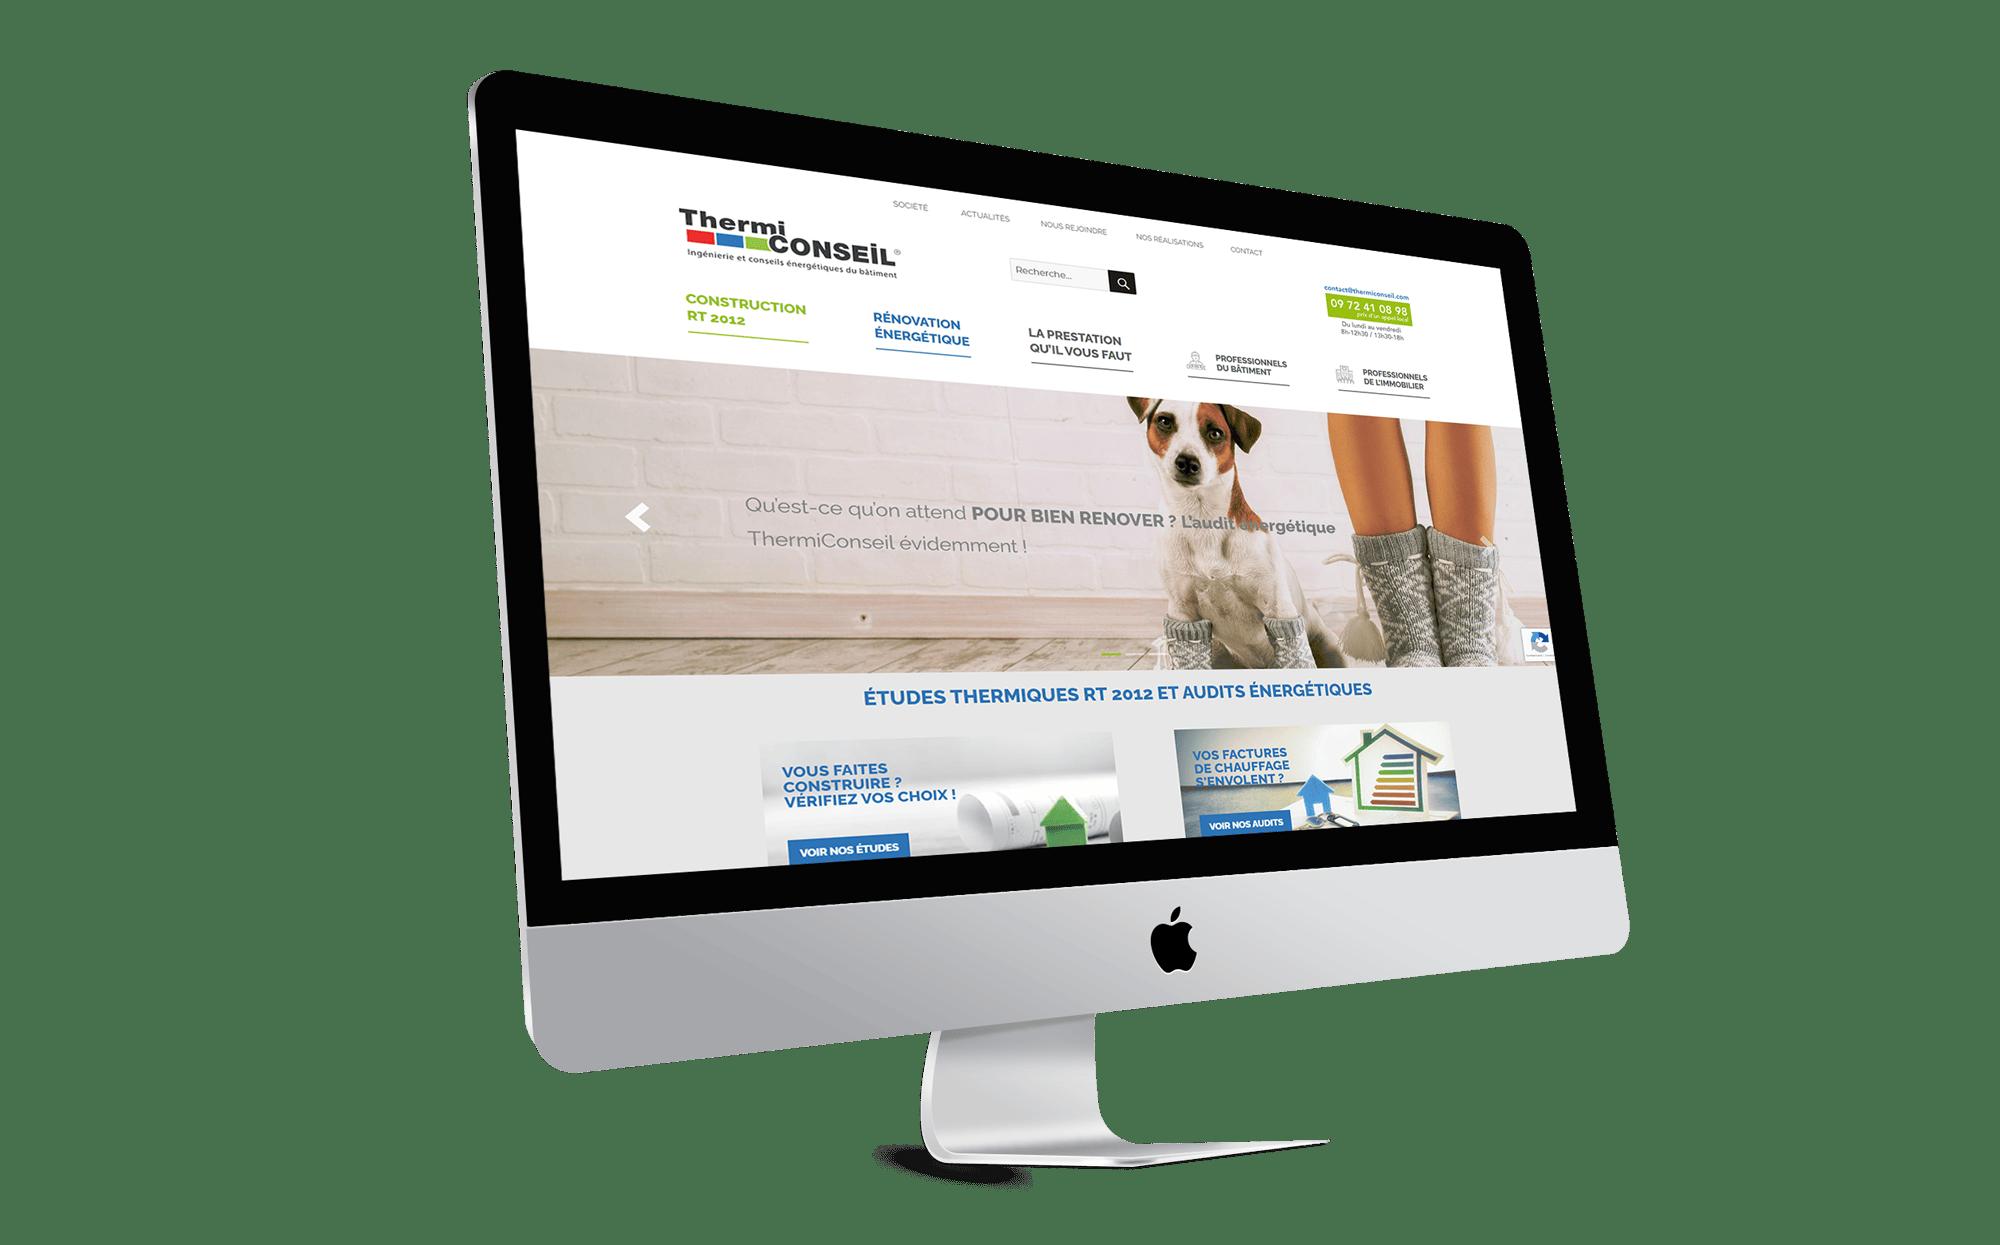 thermiconseil-creation-site-internet-développement-web